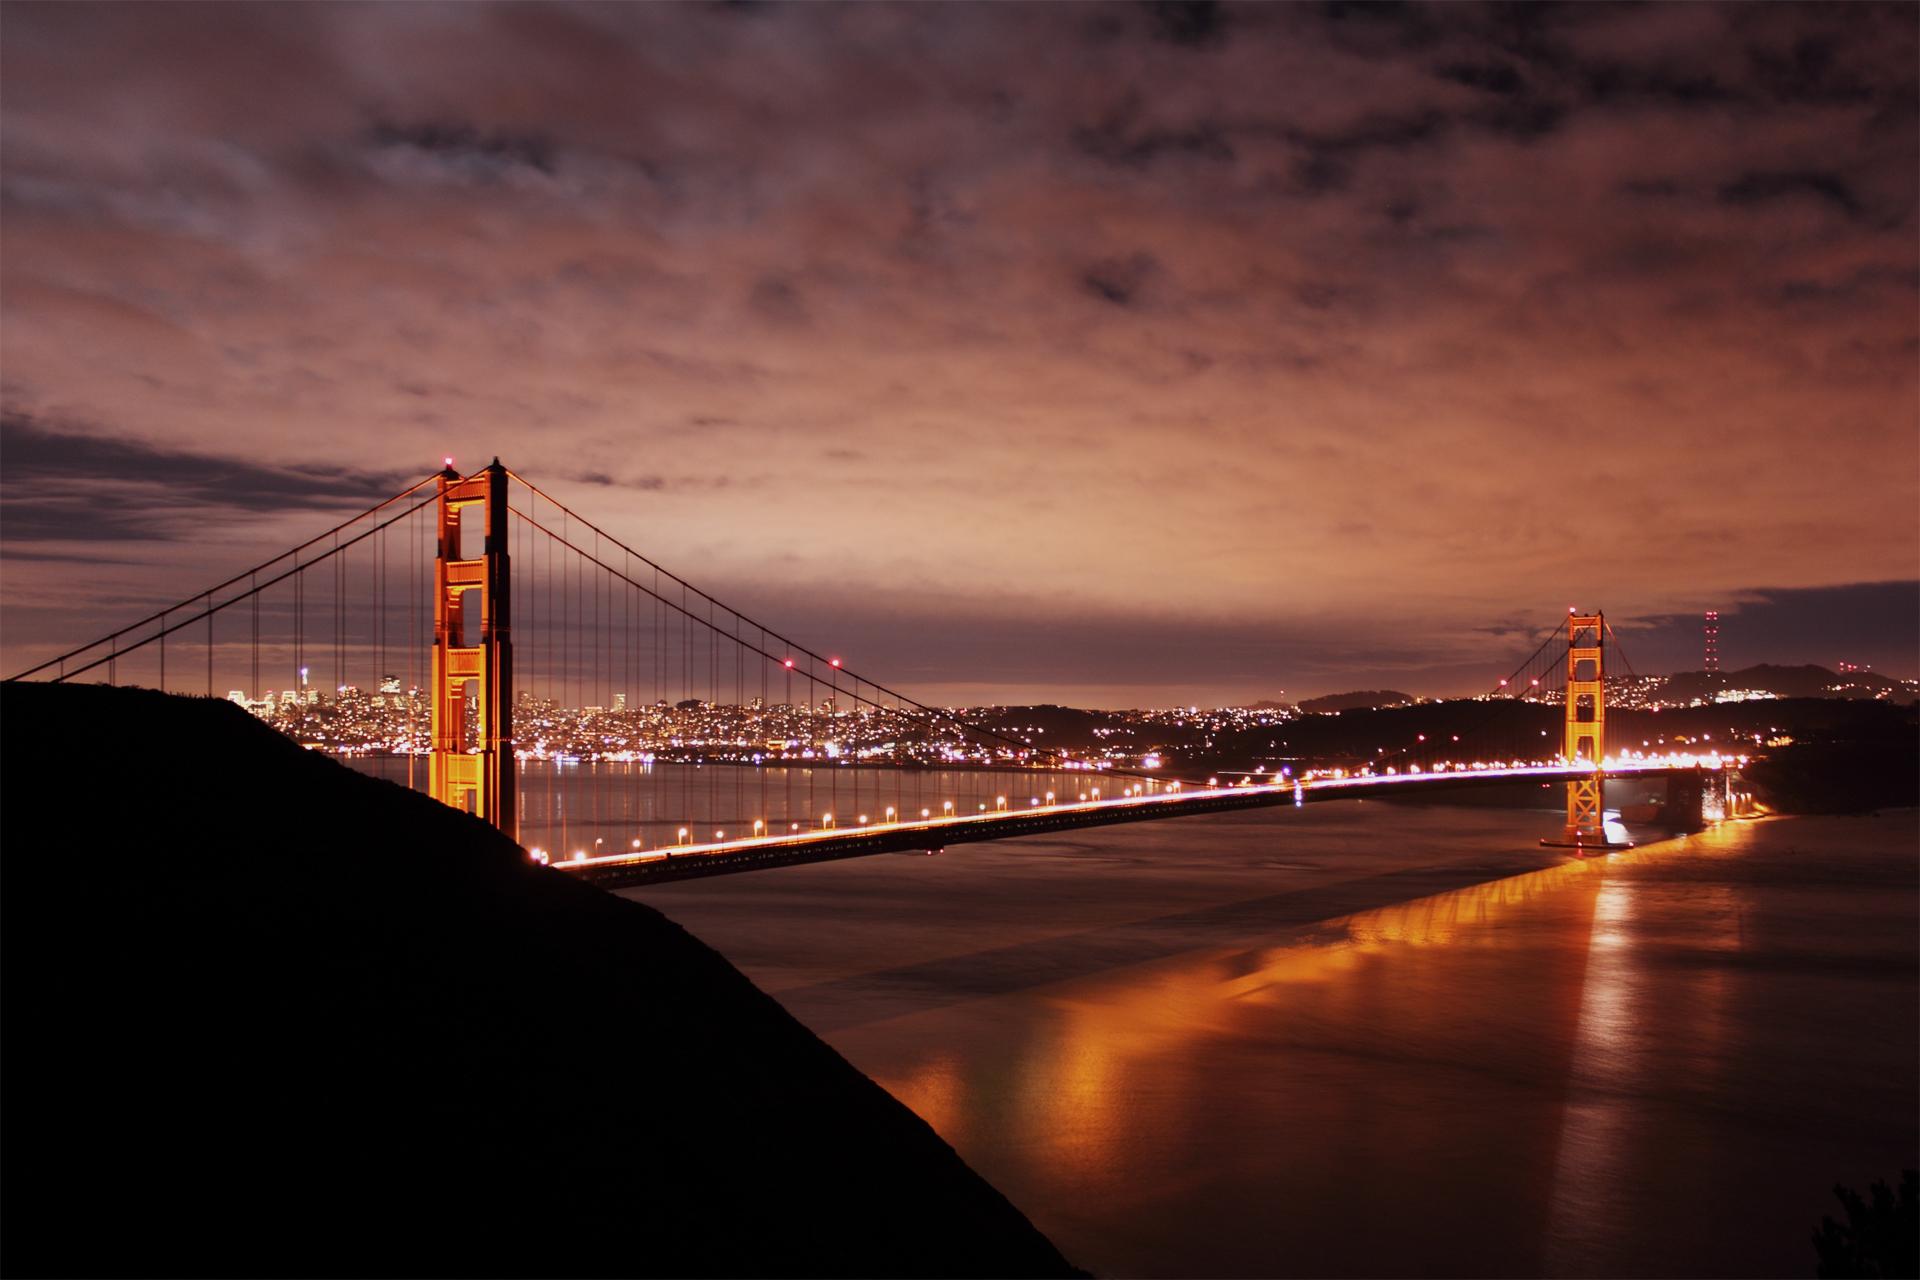 Golden Gate Bridge 1920x1280.jpg